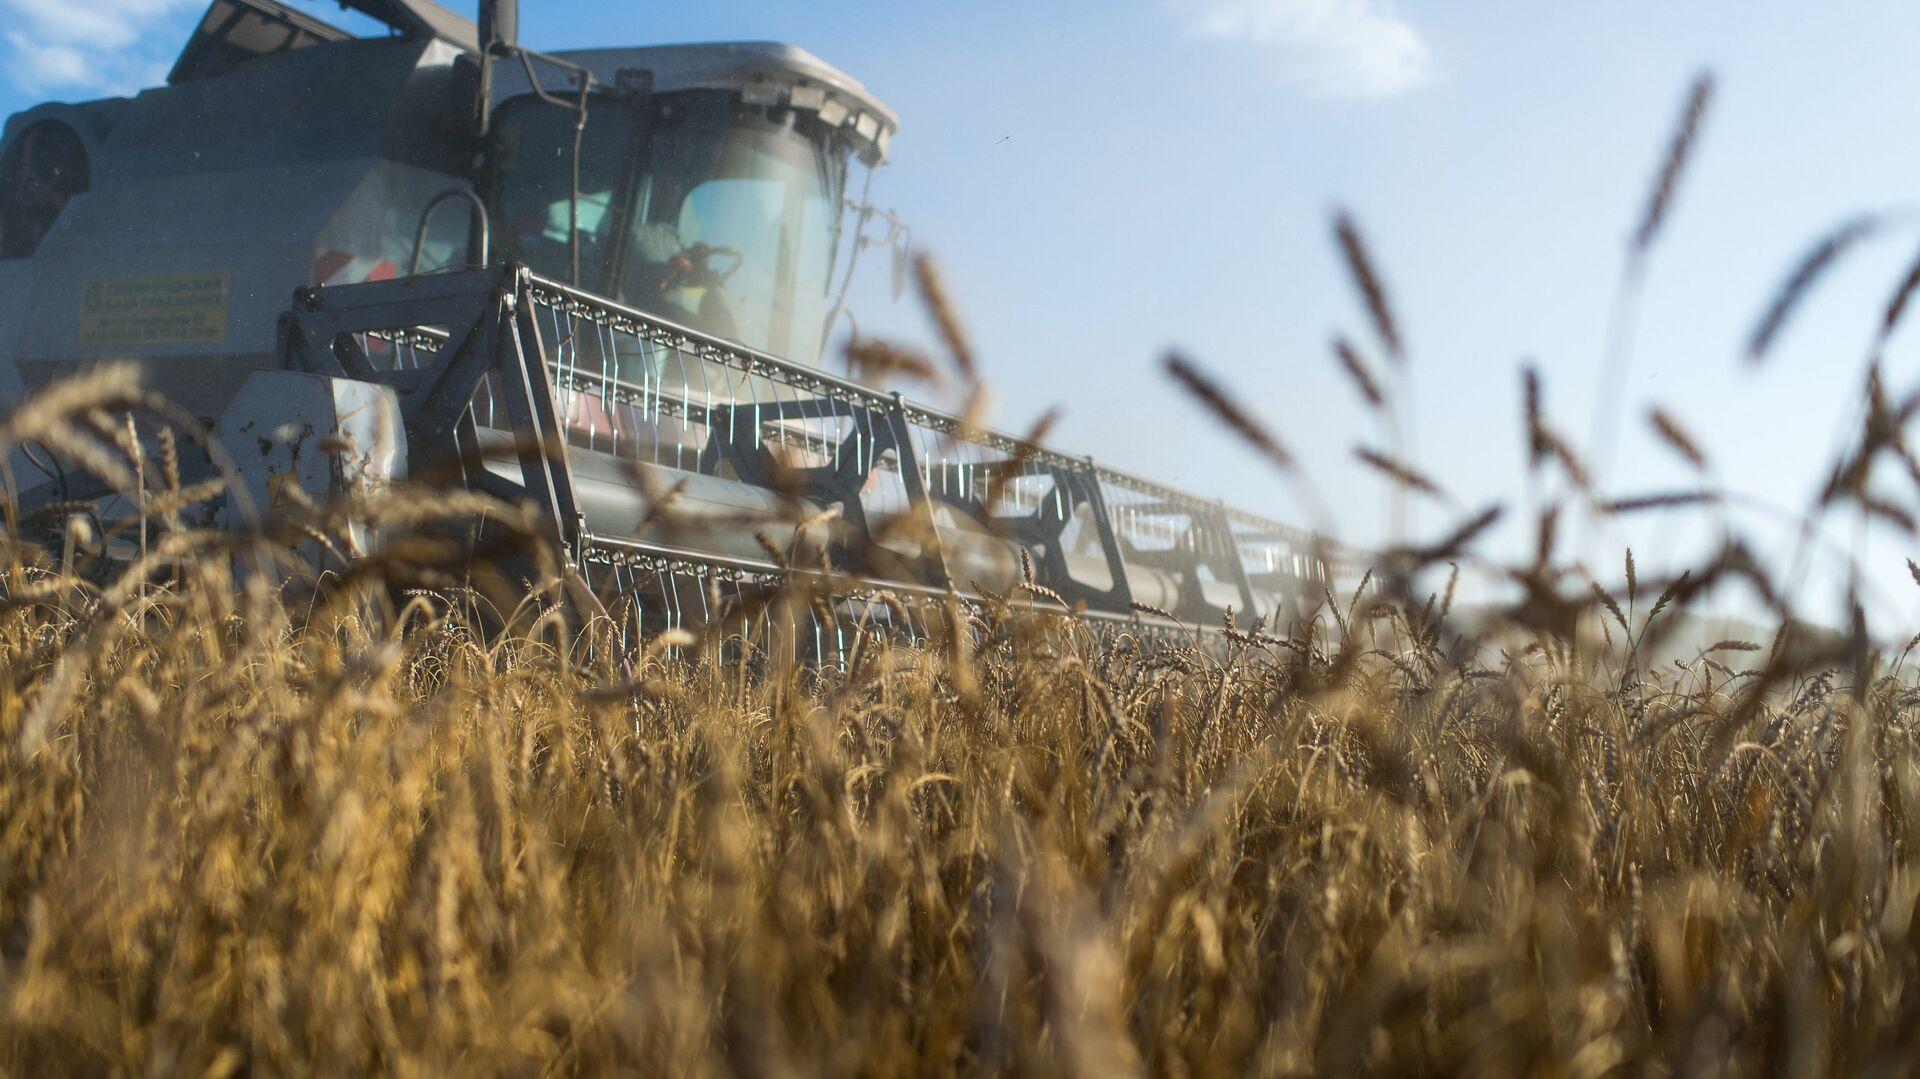 Уборка пшеницы на полях, архивное фото - Sputnik Таджикистан, 1920, 20.07.2021